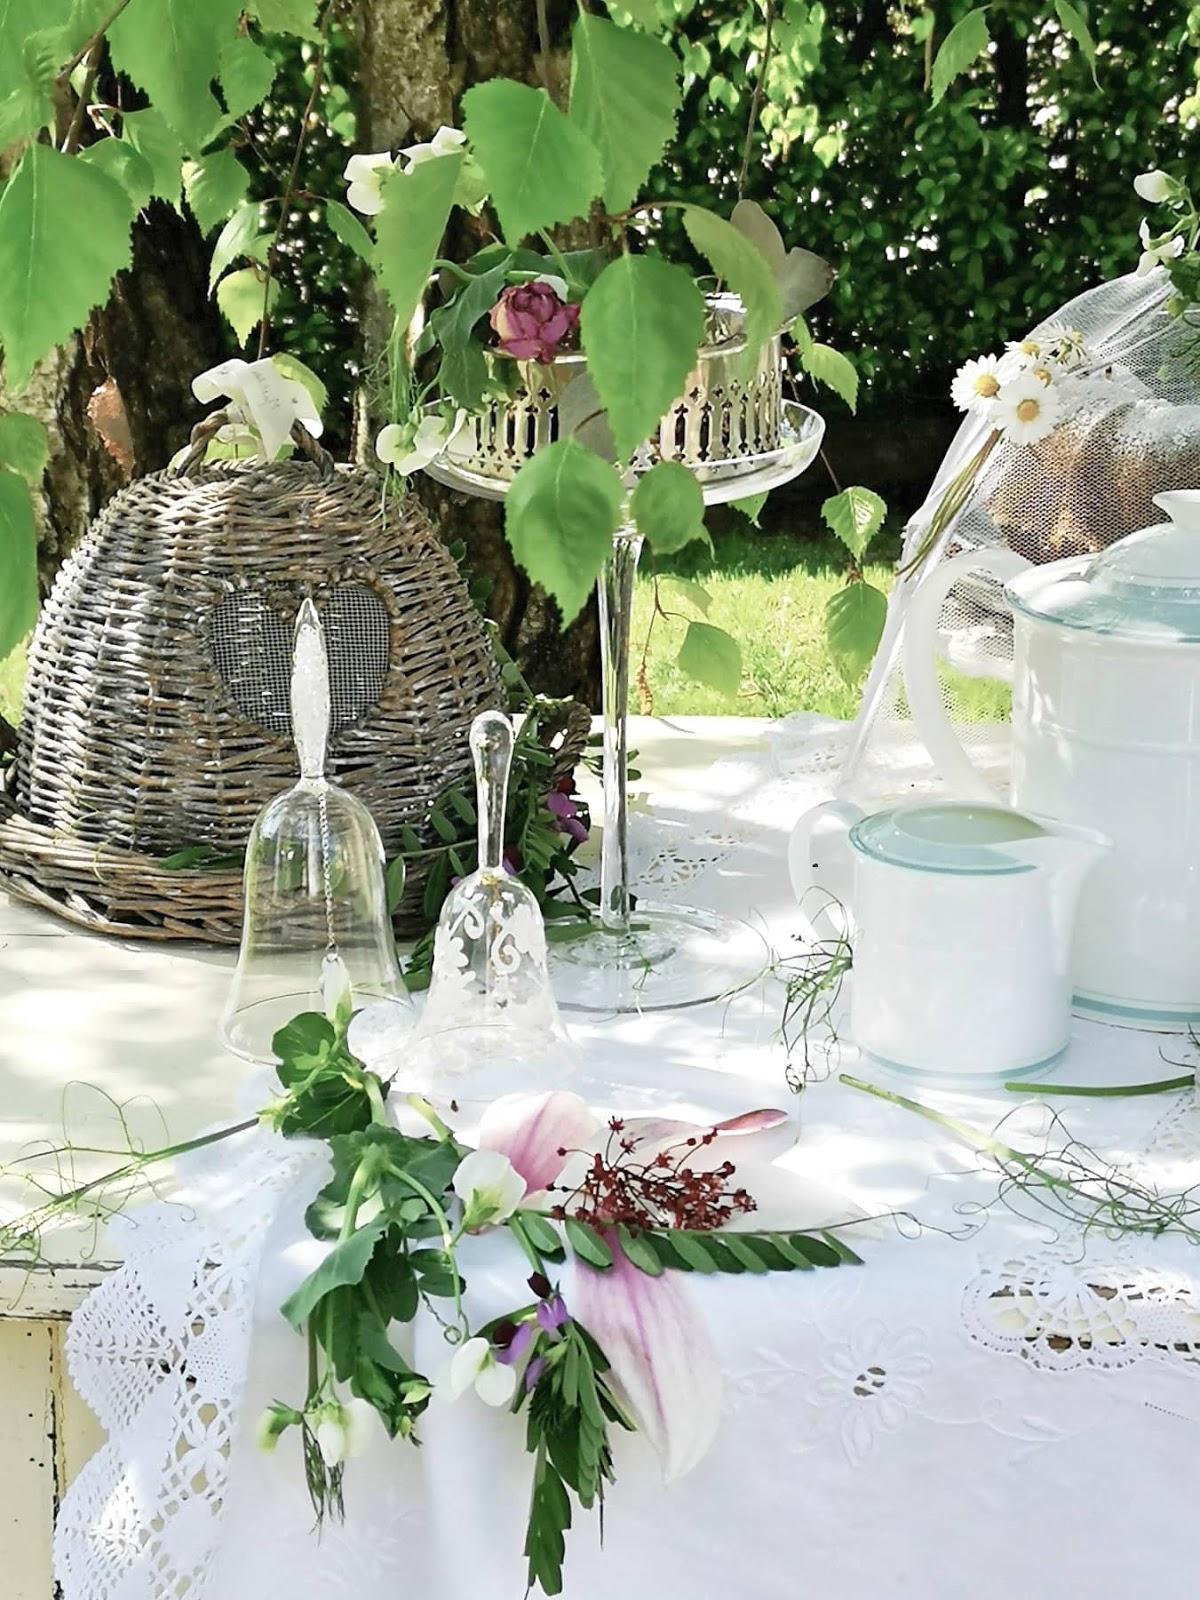 come organizzare una tavola da the in giardino